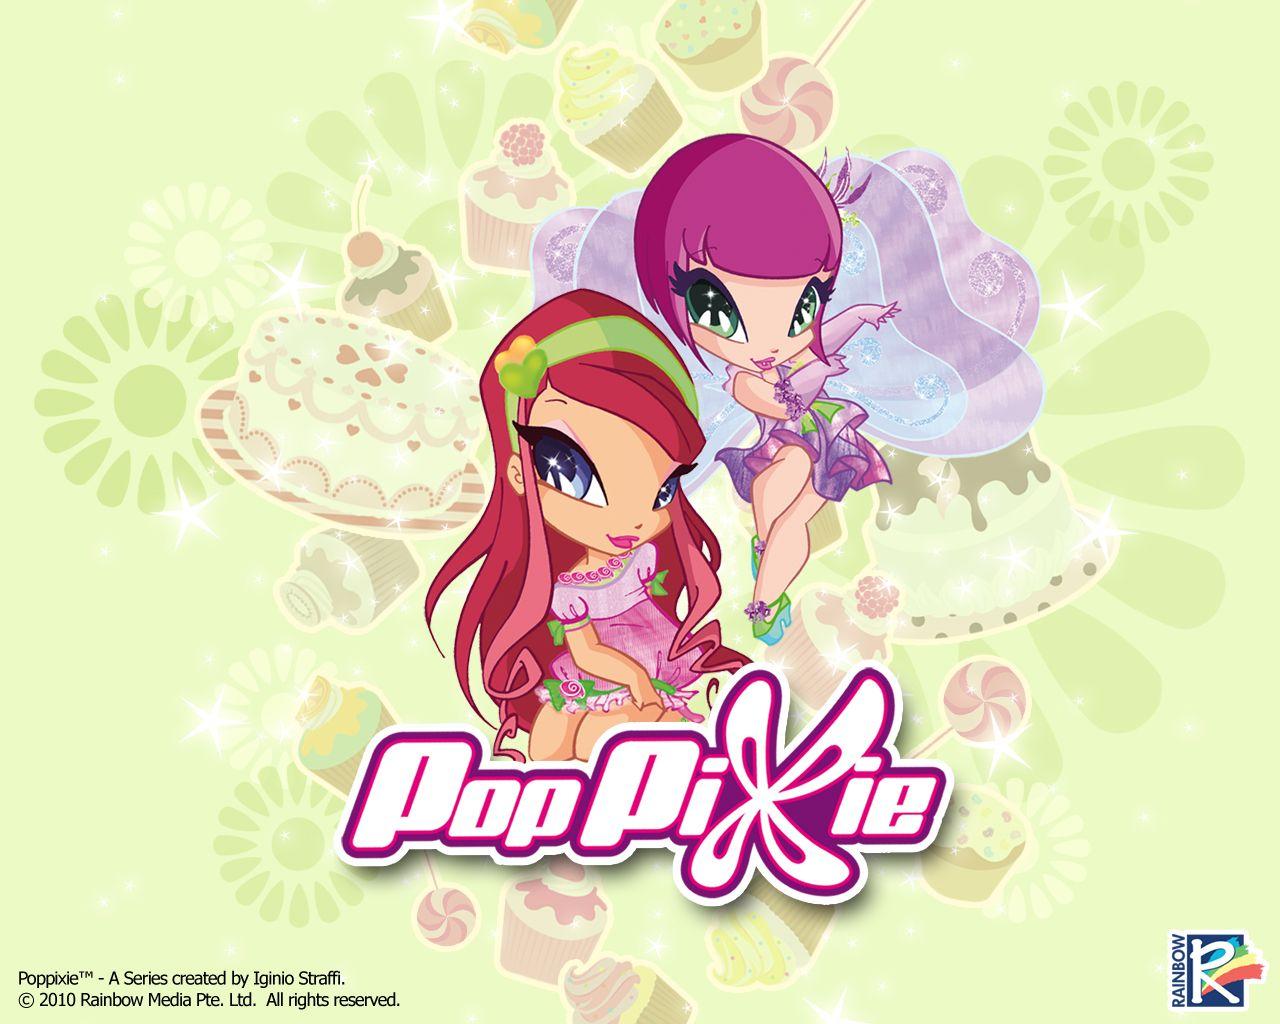 винкс обои для рабочего стола pop pixie - поп пикси!